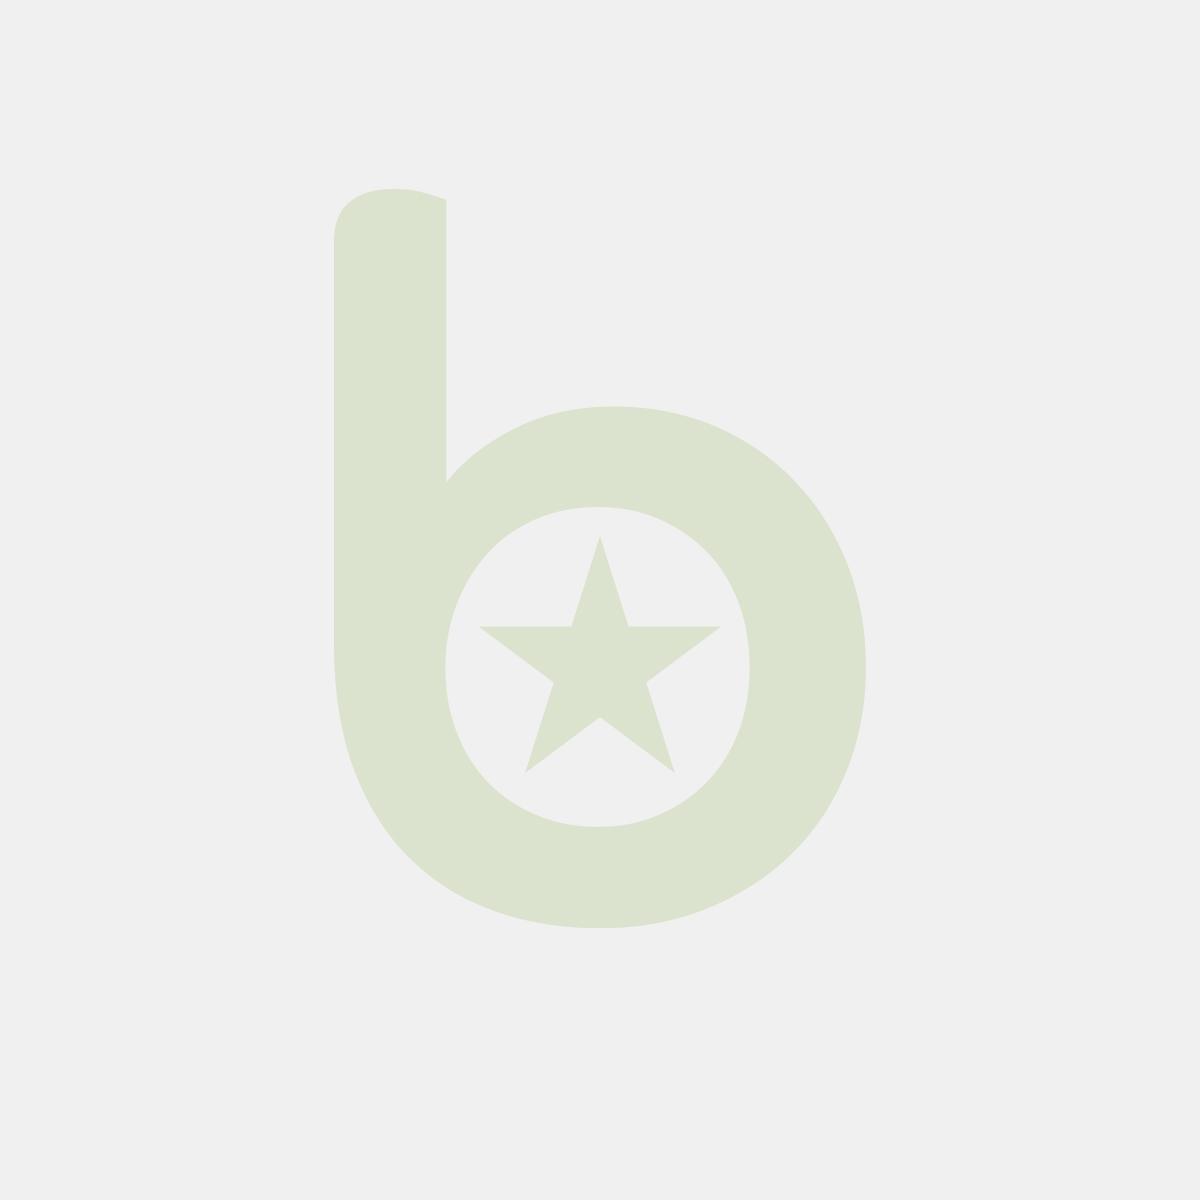 Torba GreenBag z grubej bawełny, szary nadruk THE WORLD SPIRIT, cena za 1 sztukę